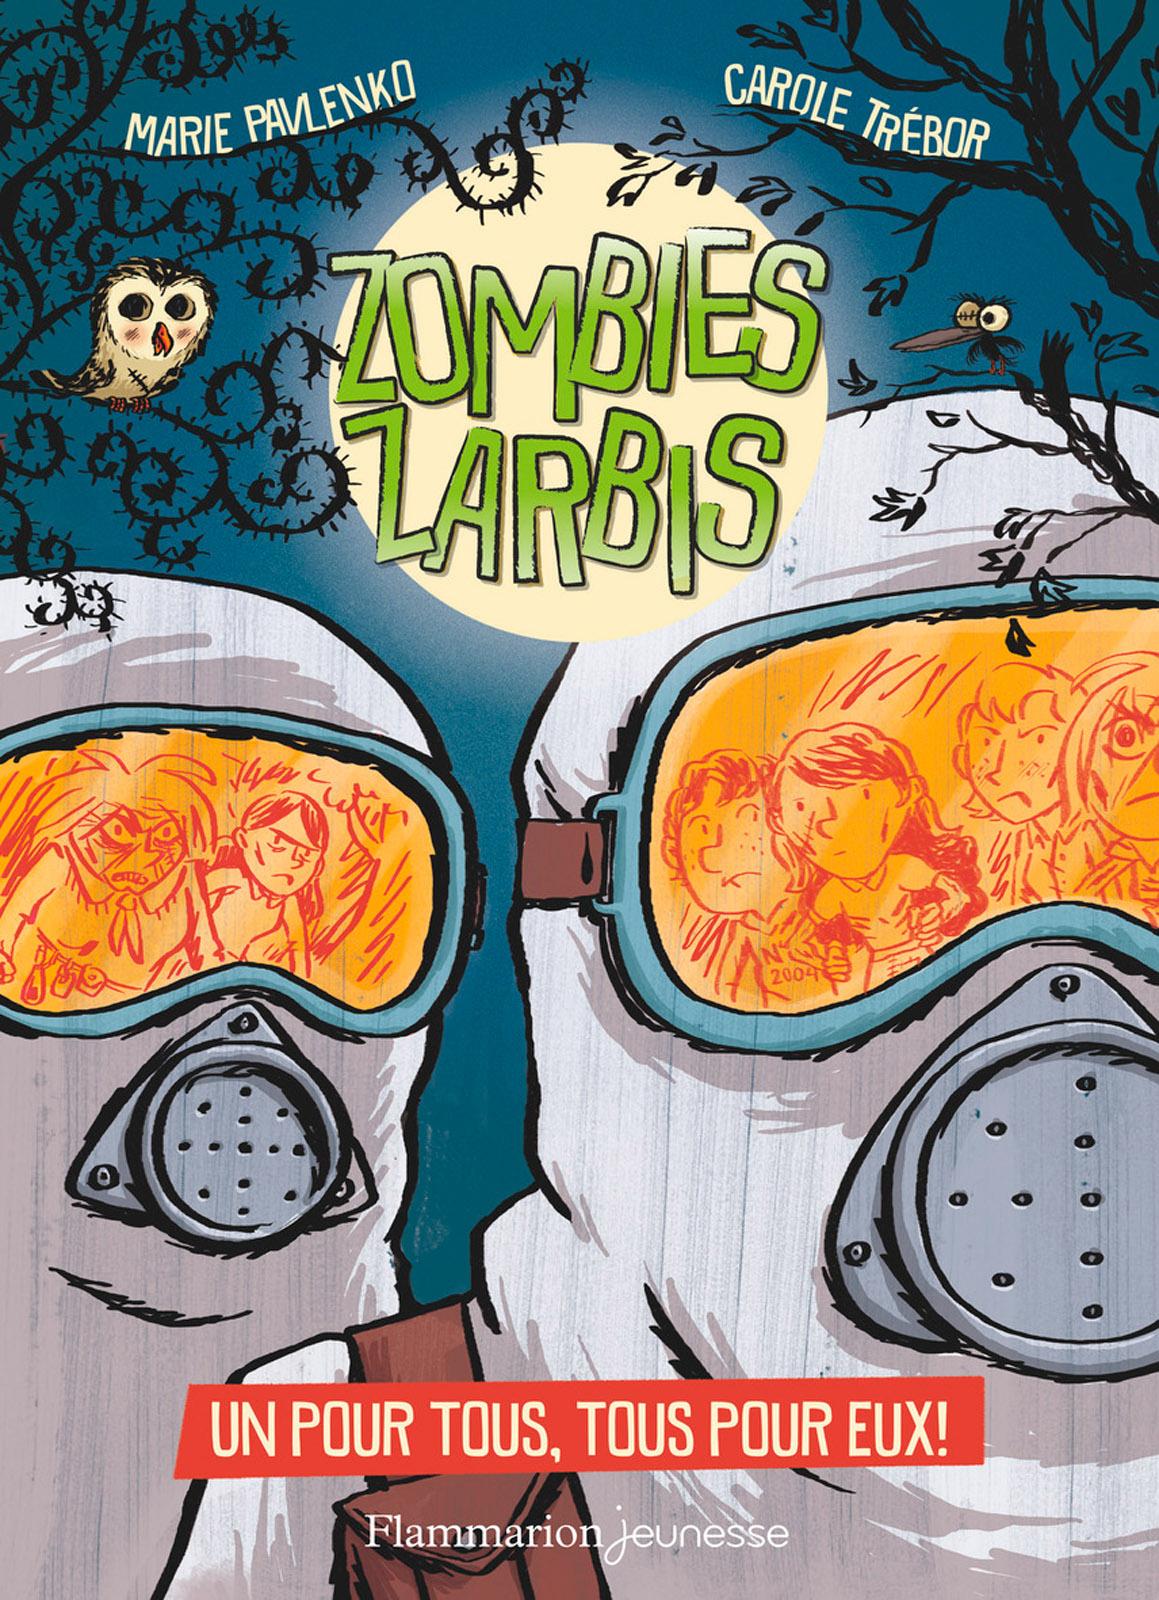 Zombies zarbis (Tome 3) - Un pour tous, tous pour eux !